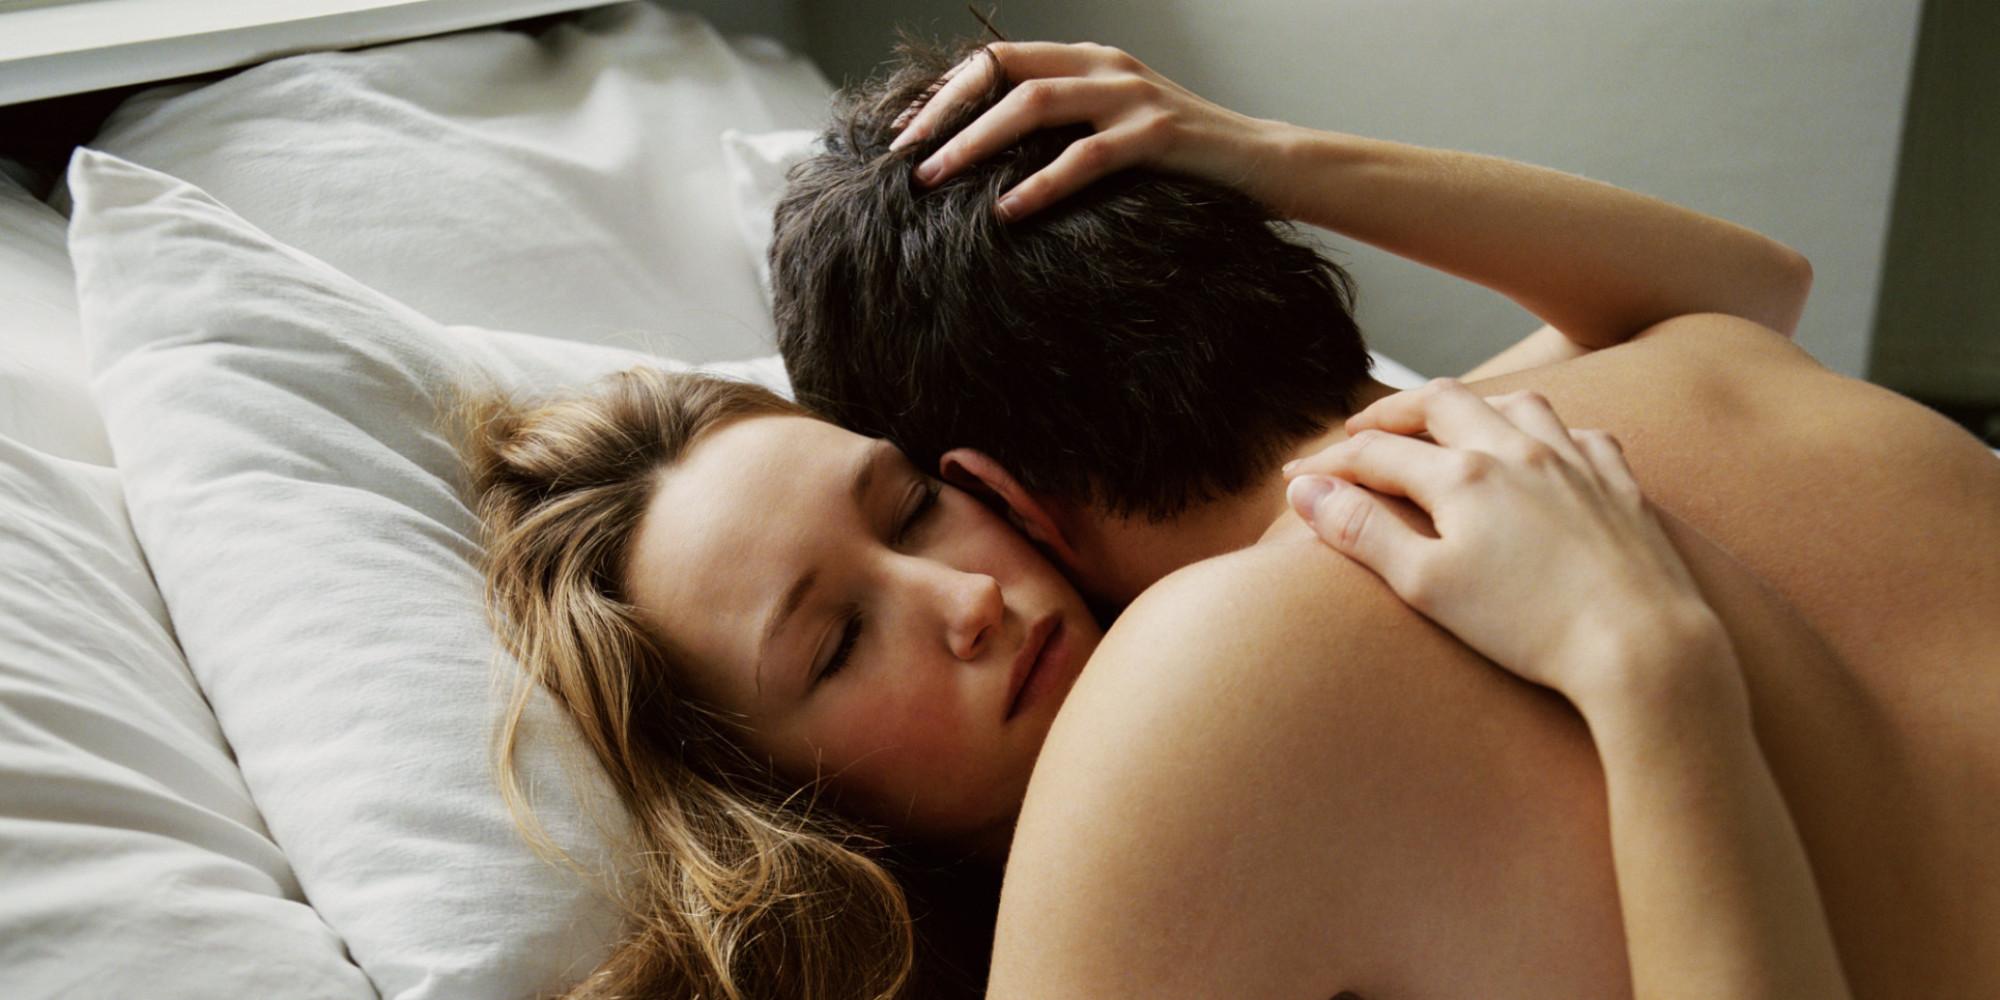 Секс с девушкой в пензе, Частные знакомства для секса в Пензе 5 фотография